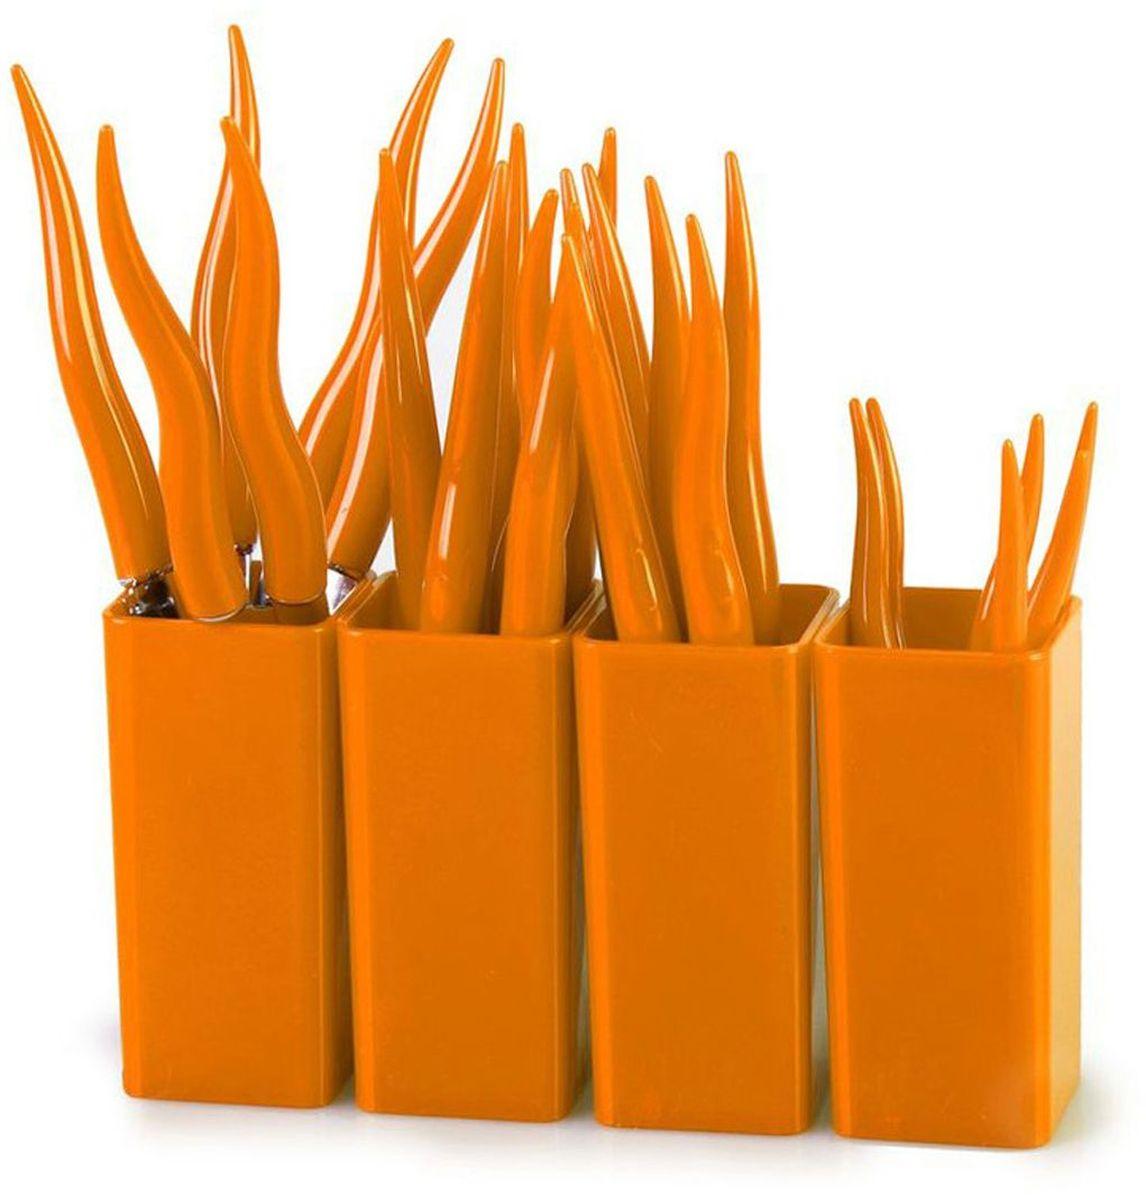 Набор столовых приборов MoulinVilla Chili, цвет: оранжевый, 24 предметаTUL-24ОСтоловые приборы CHILI 24 предмета подходят под различный интерьер. Столовые приборы CHILI – это яркий стильный дизайн и высокая функциональность. Столовые приборы сделаны из нержавеющей стали и высокопрочного пластика. Набор 24 предмета: 6 вилок, 6 ножей, 6 столовых ложек, 6 чайных ложек, 4 подставки. Их срок годности не ограничен.